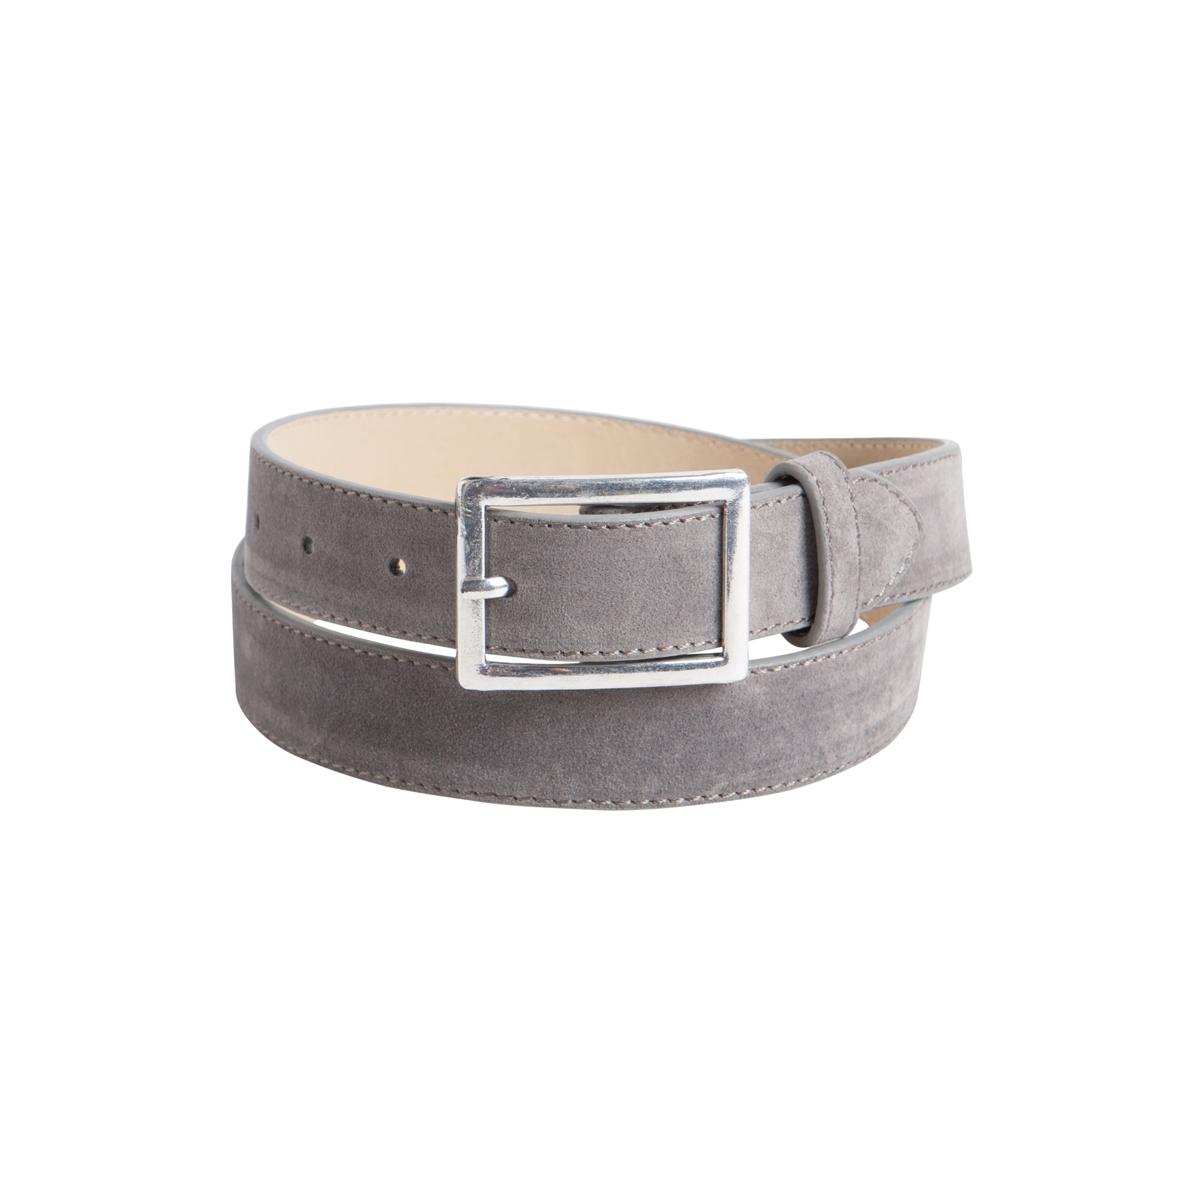 pcpigala jeans belt 17076529 pieces riem castlerock